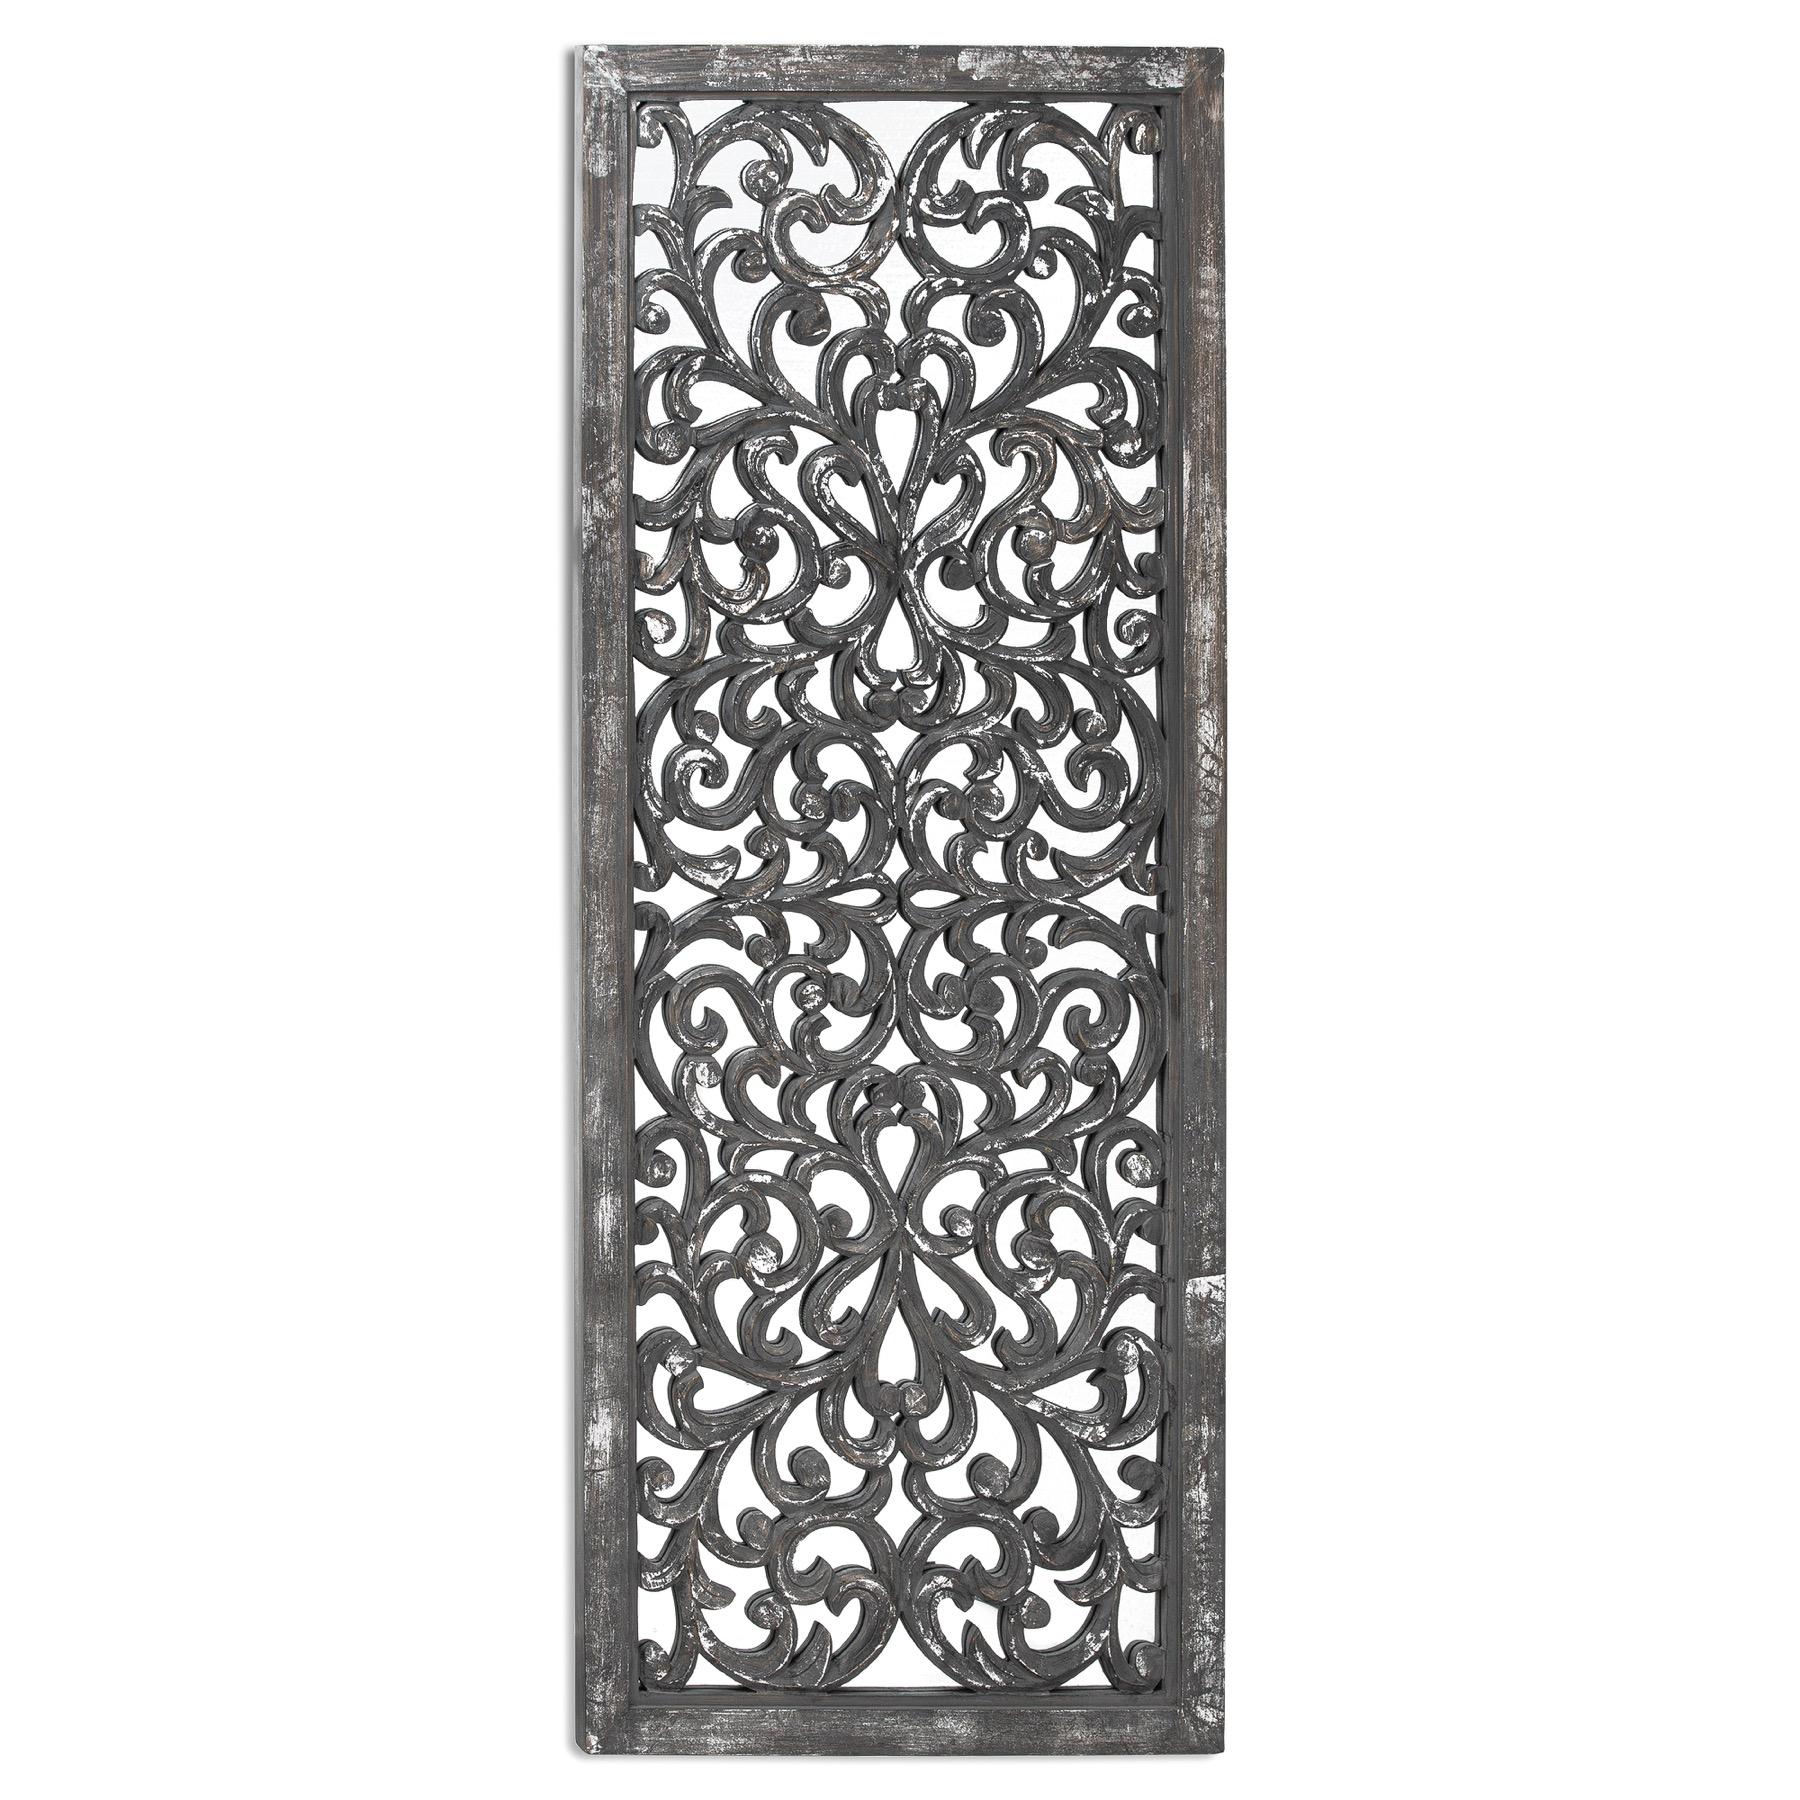 Louis Carved Antique Mettalic Lattice Mirror - Image 1